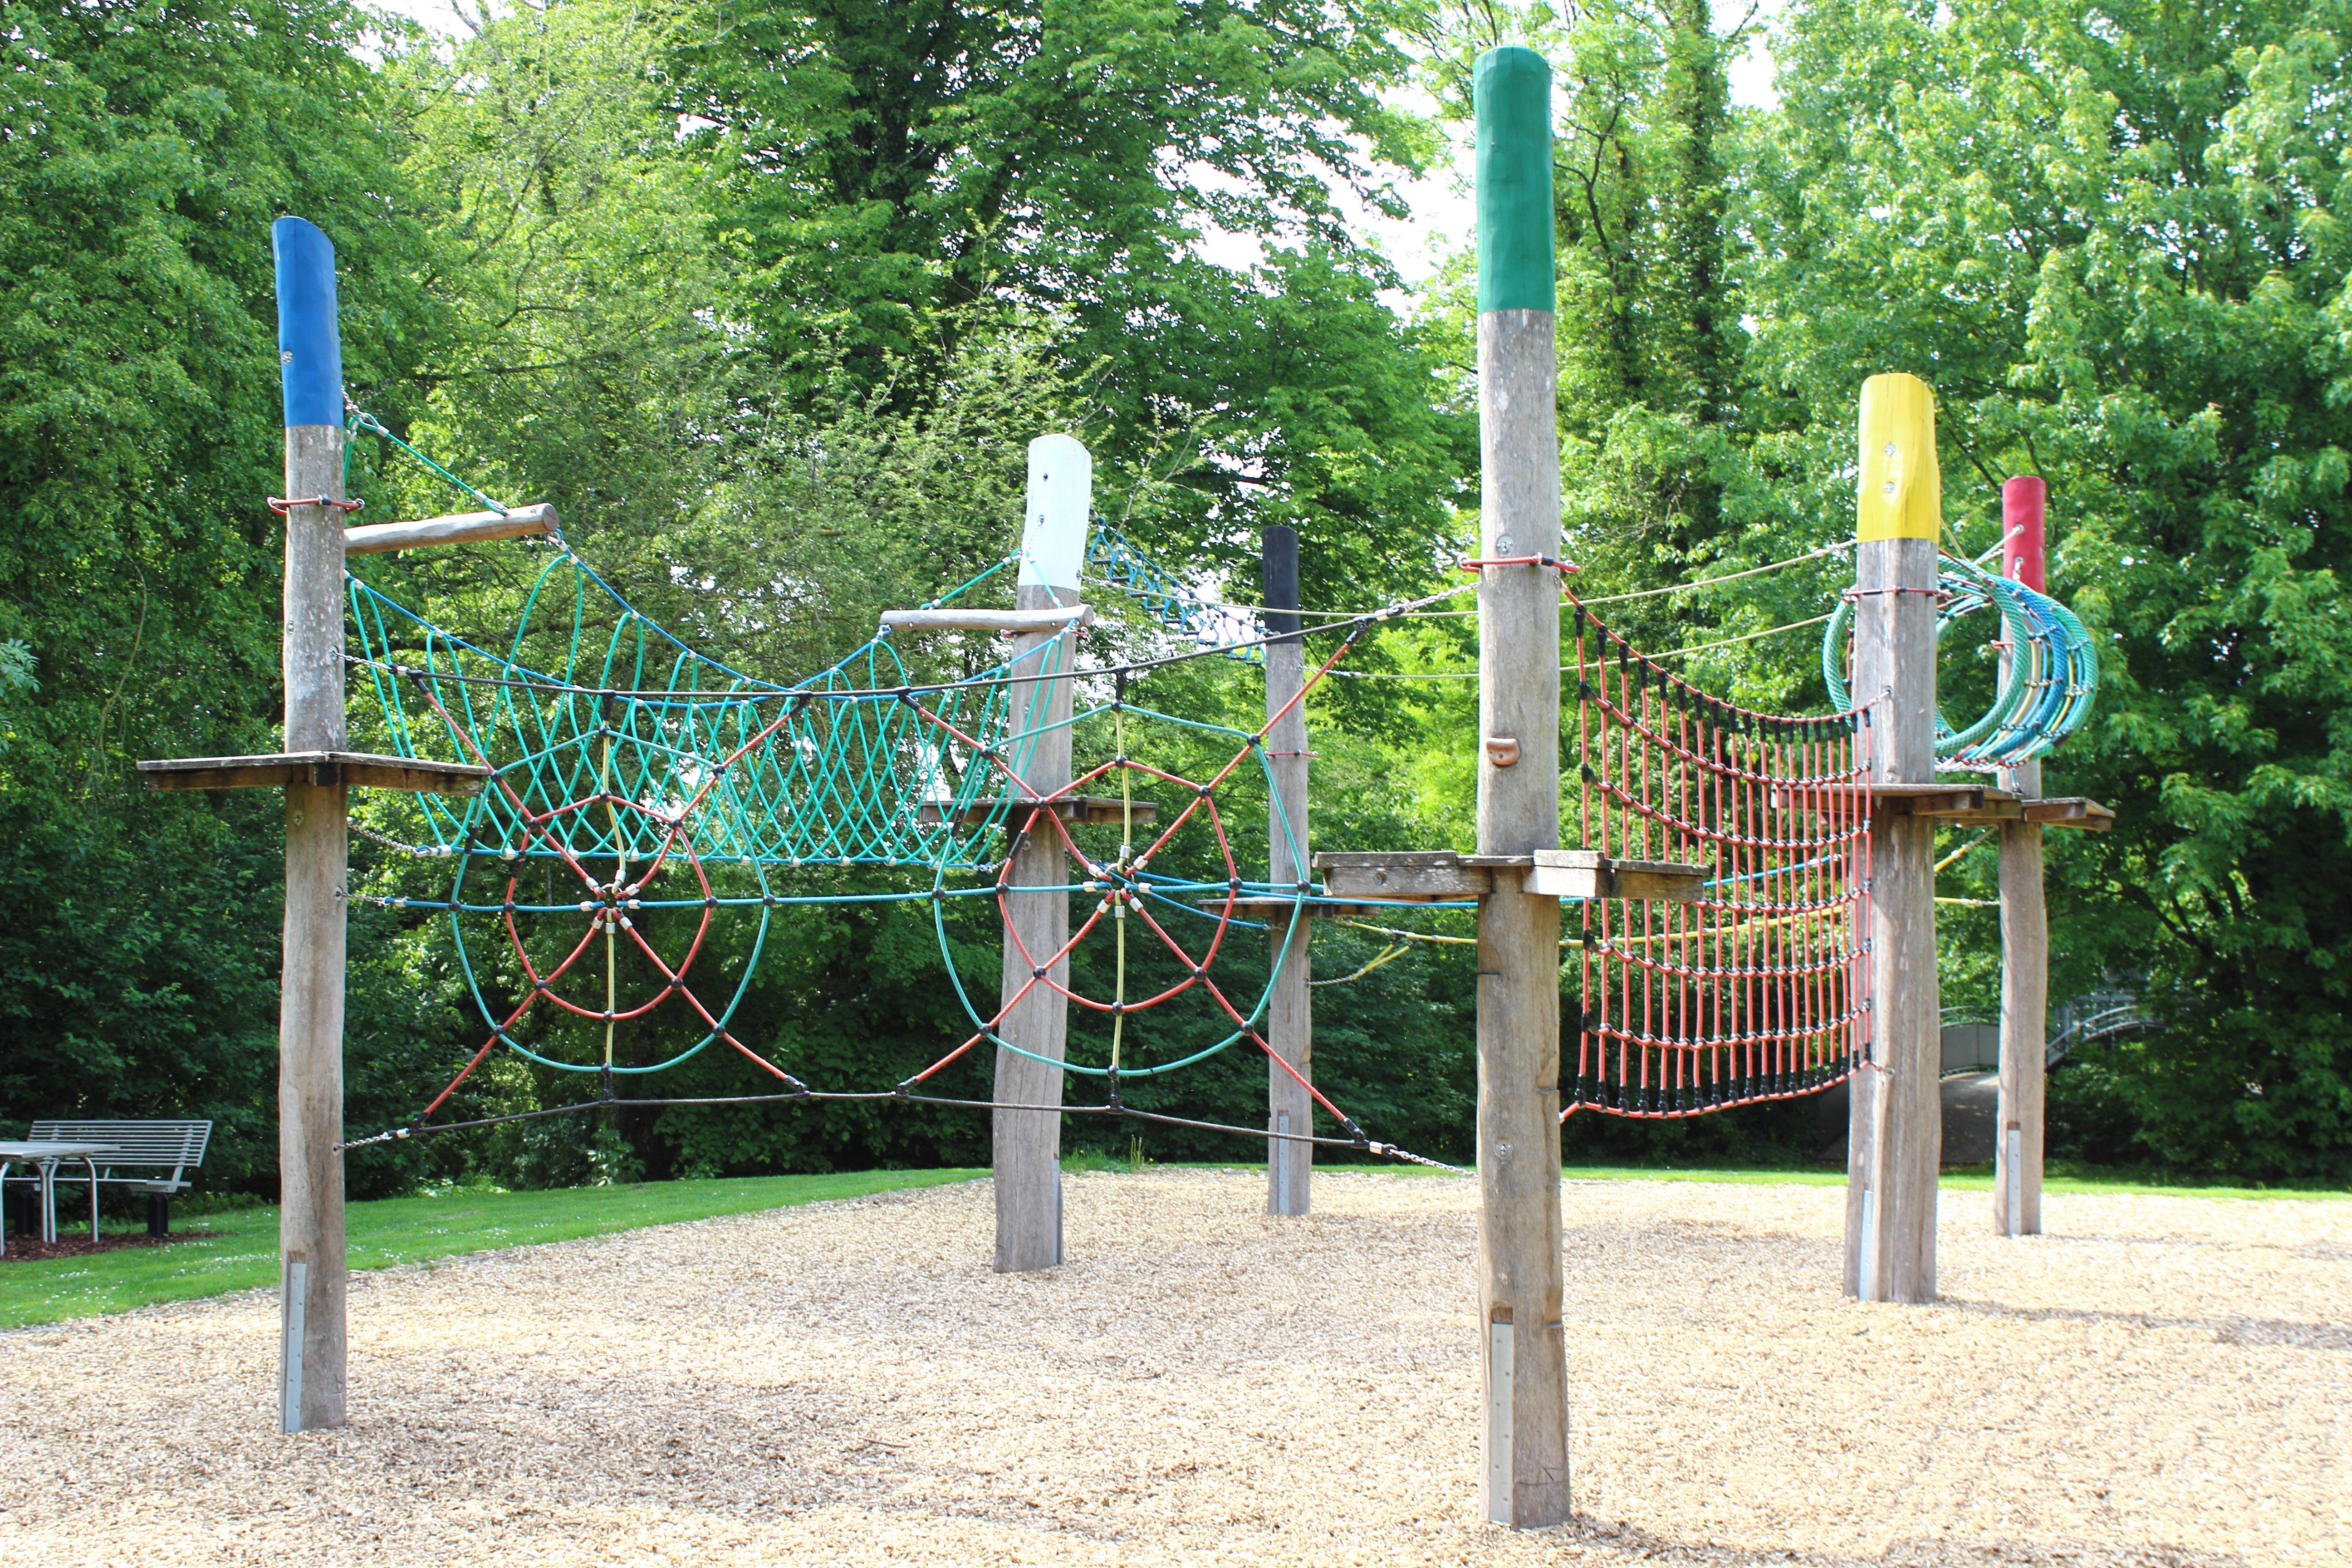 Vier Jahreszeiten Park Oelde Niedrigseilgarten